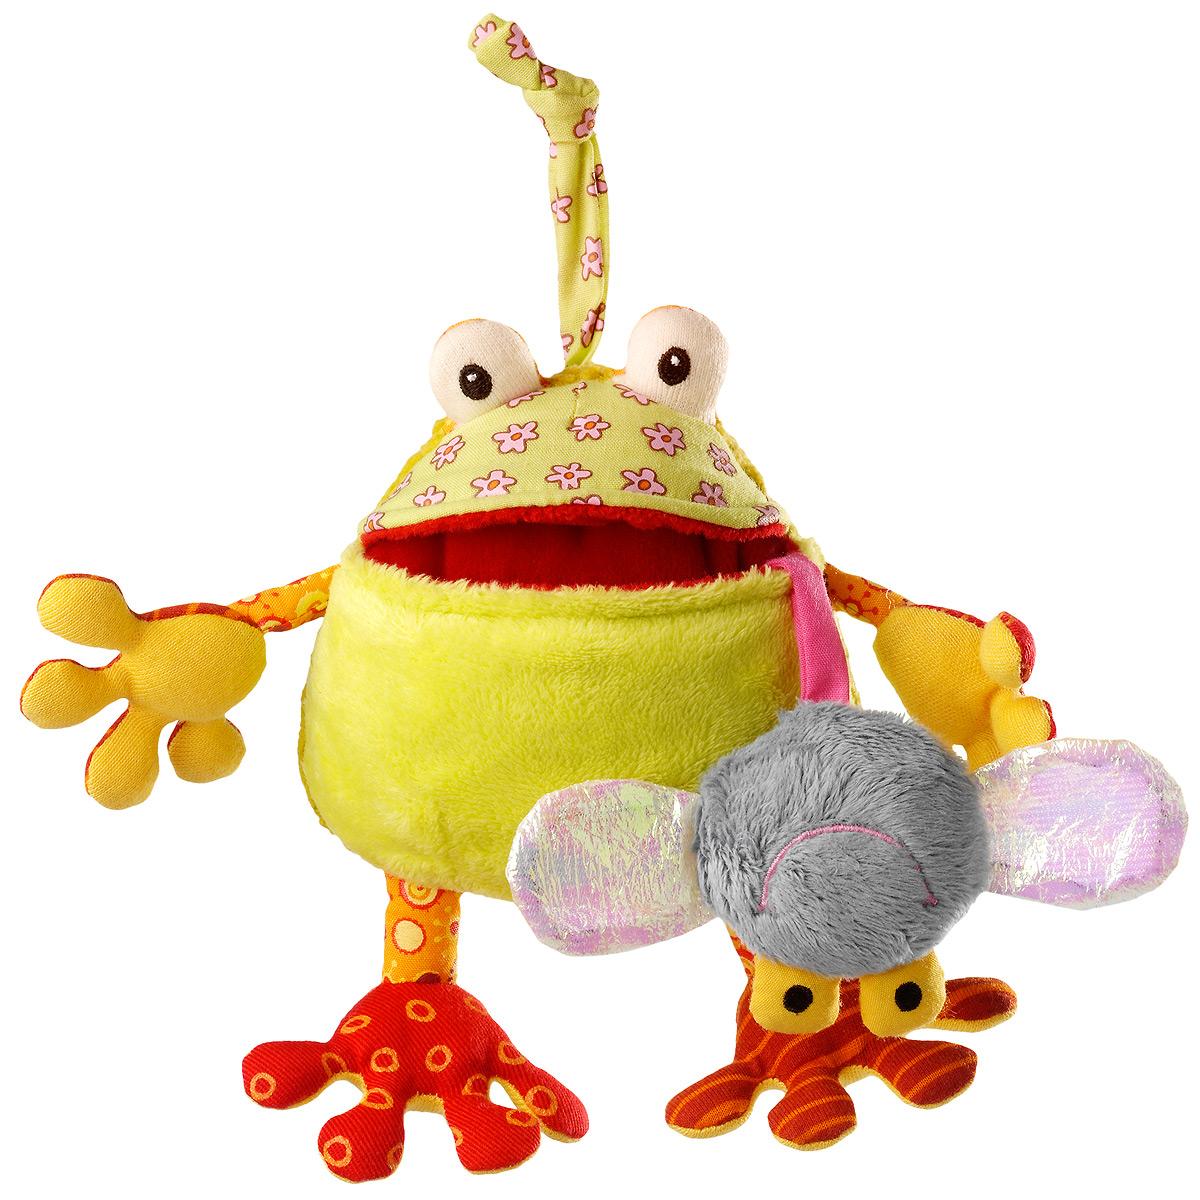 Развивающая игрушка Lilliputiens «Жаба Ромео», маленькая